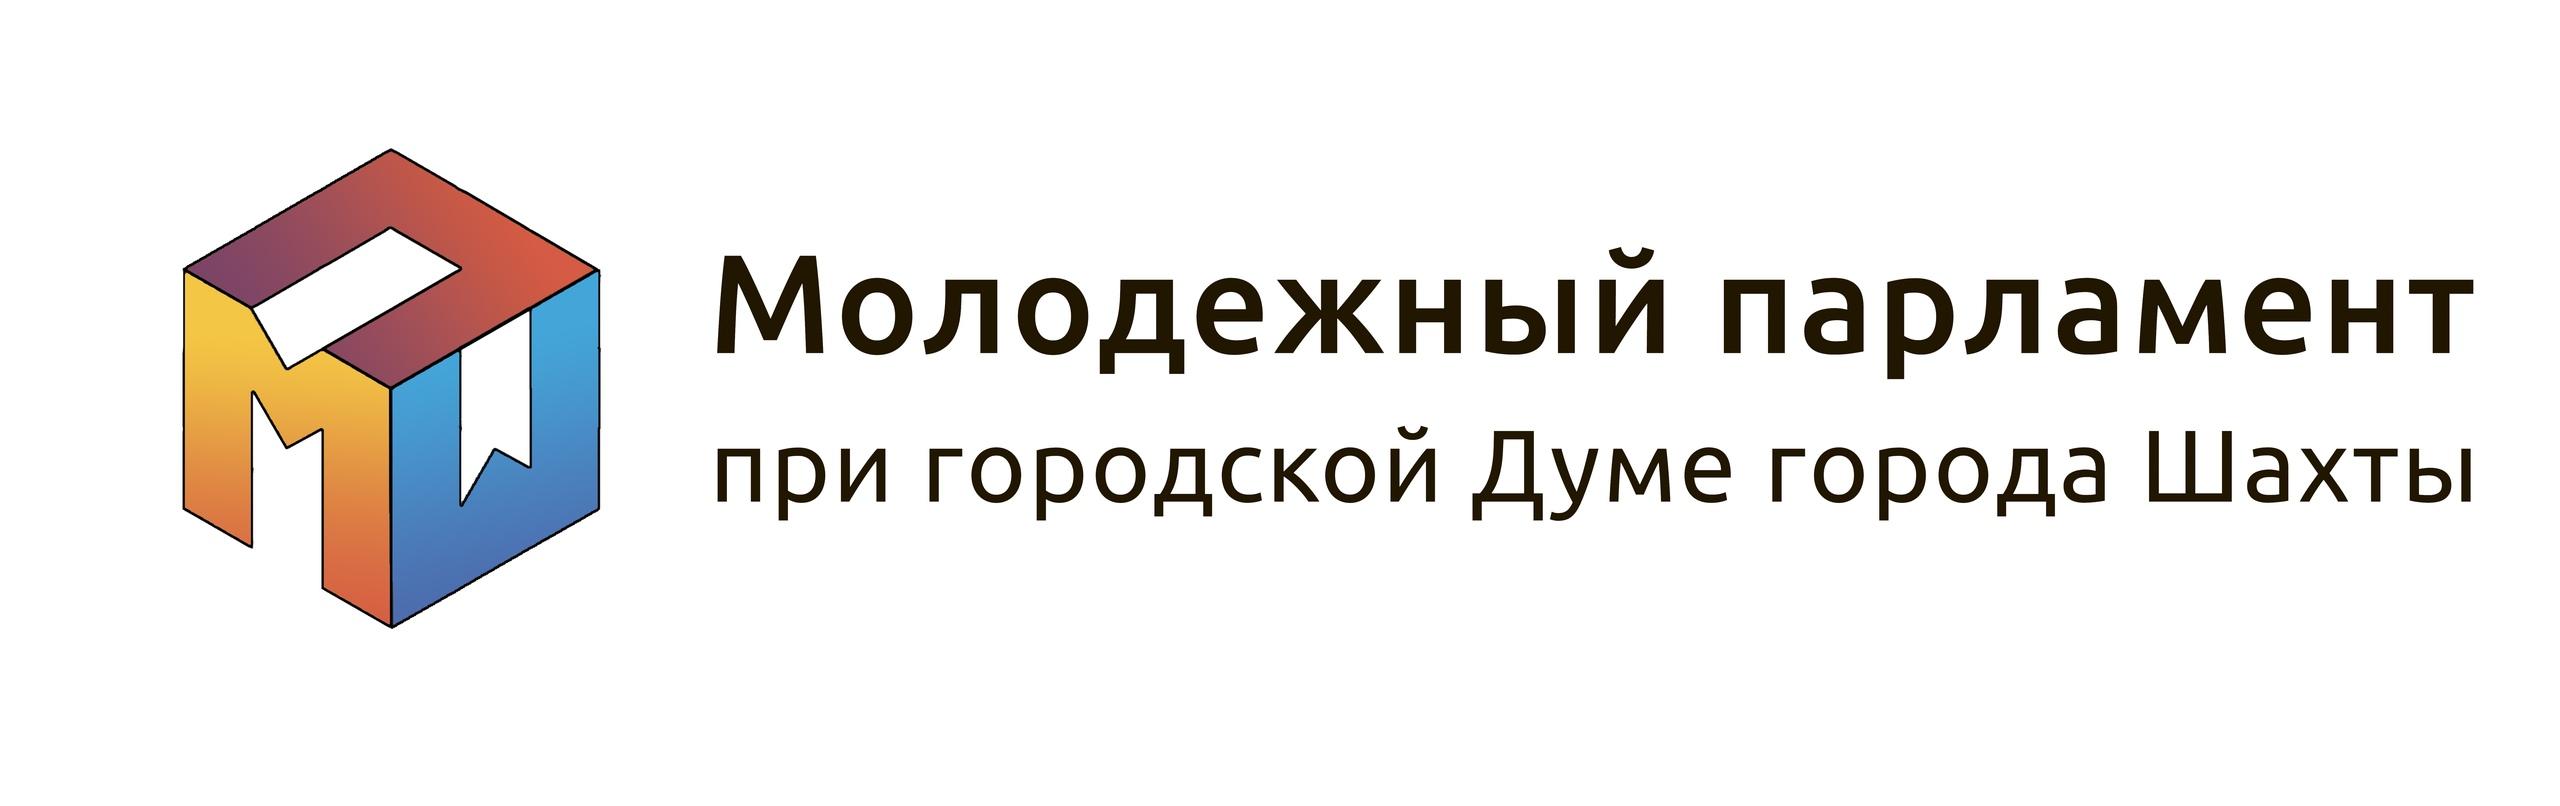 Приглашаем команды из трех человек к участию в конкурсе, посвященном Дню Конституции Российской Федерации